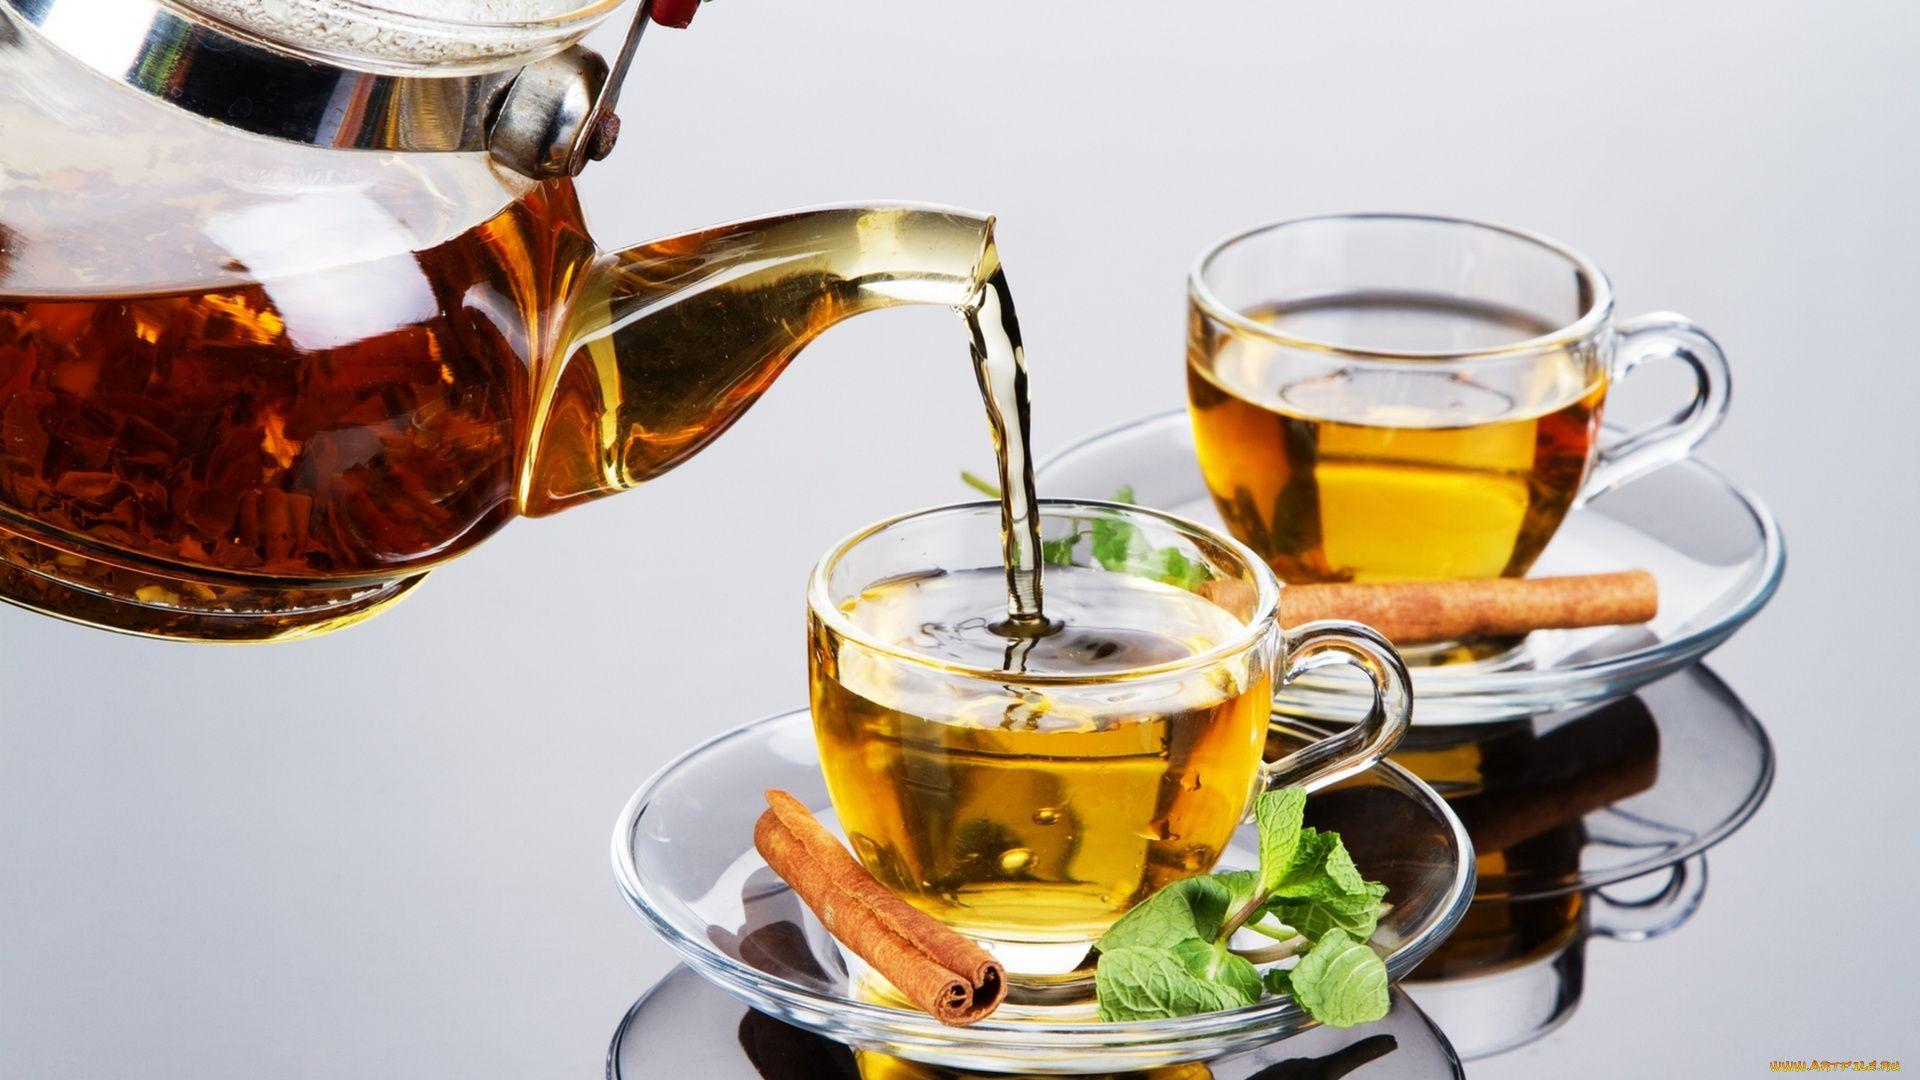 Tea 1080p wallpaper